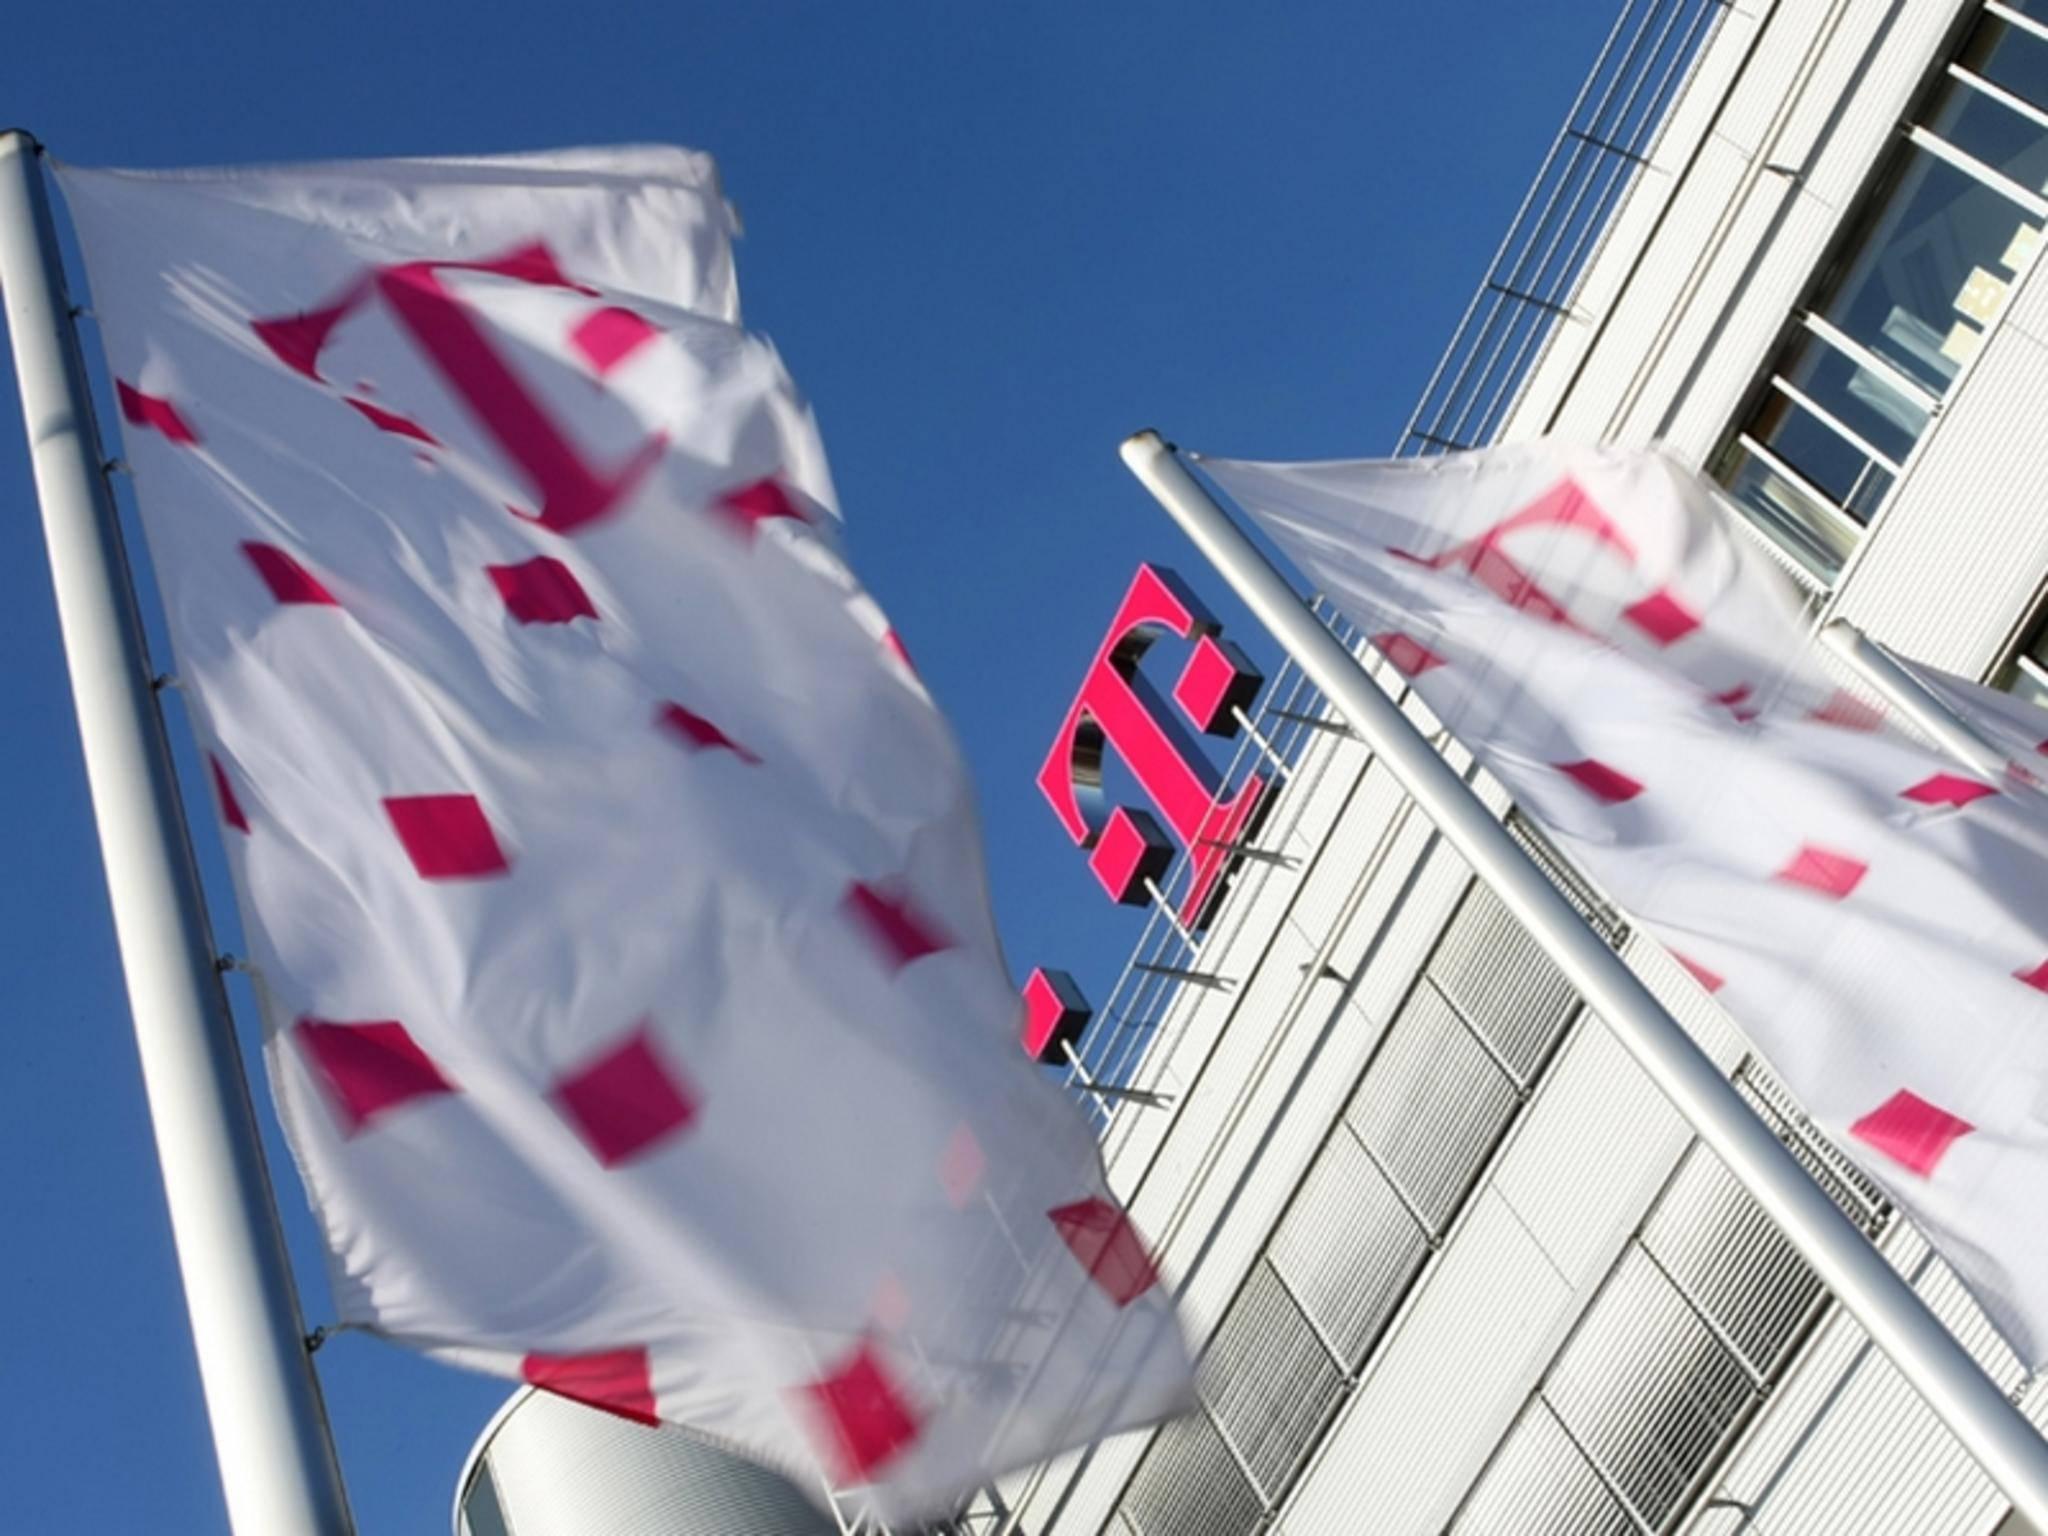 Bei der Telekom kam es am Samstagmorgen zu massiven Störungen im Mobilfunknetz.